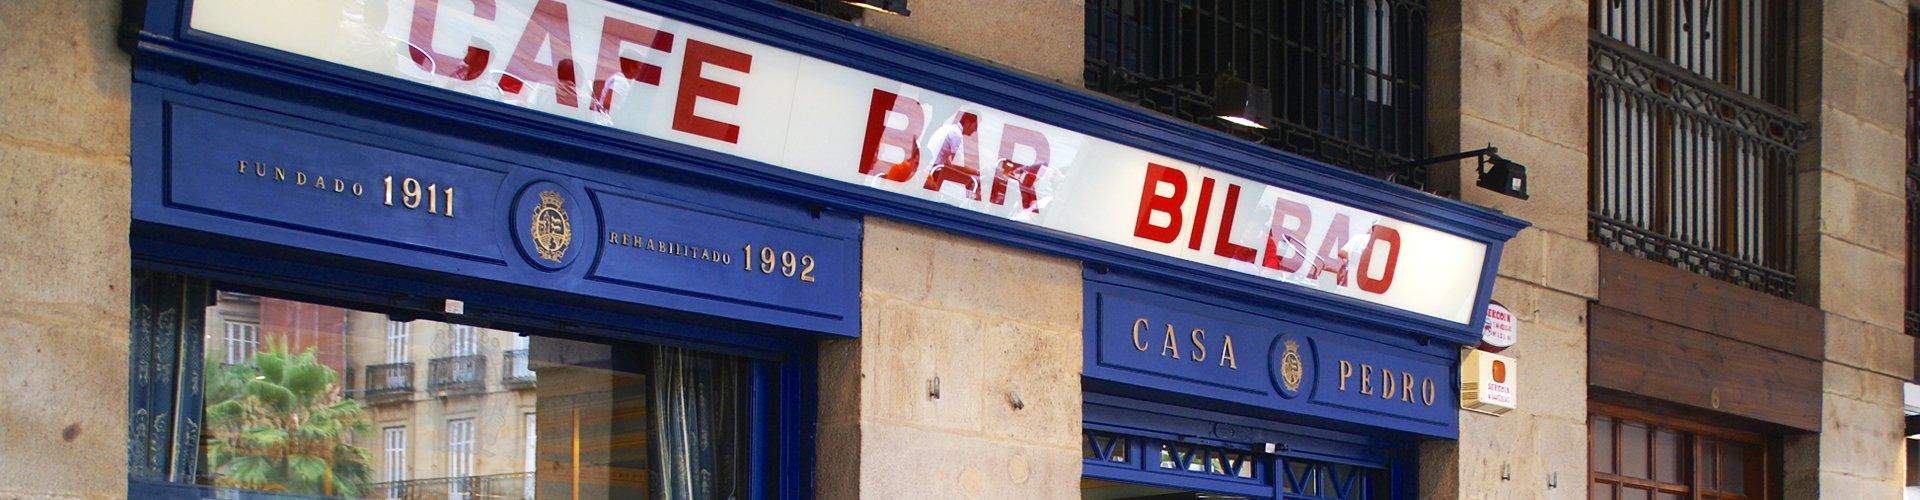 Kunst in Bilbao bar, Spanje